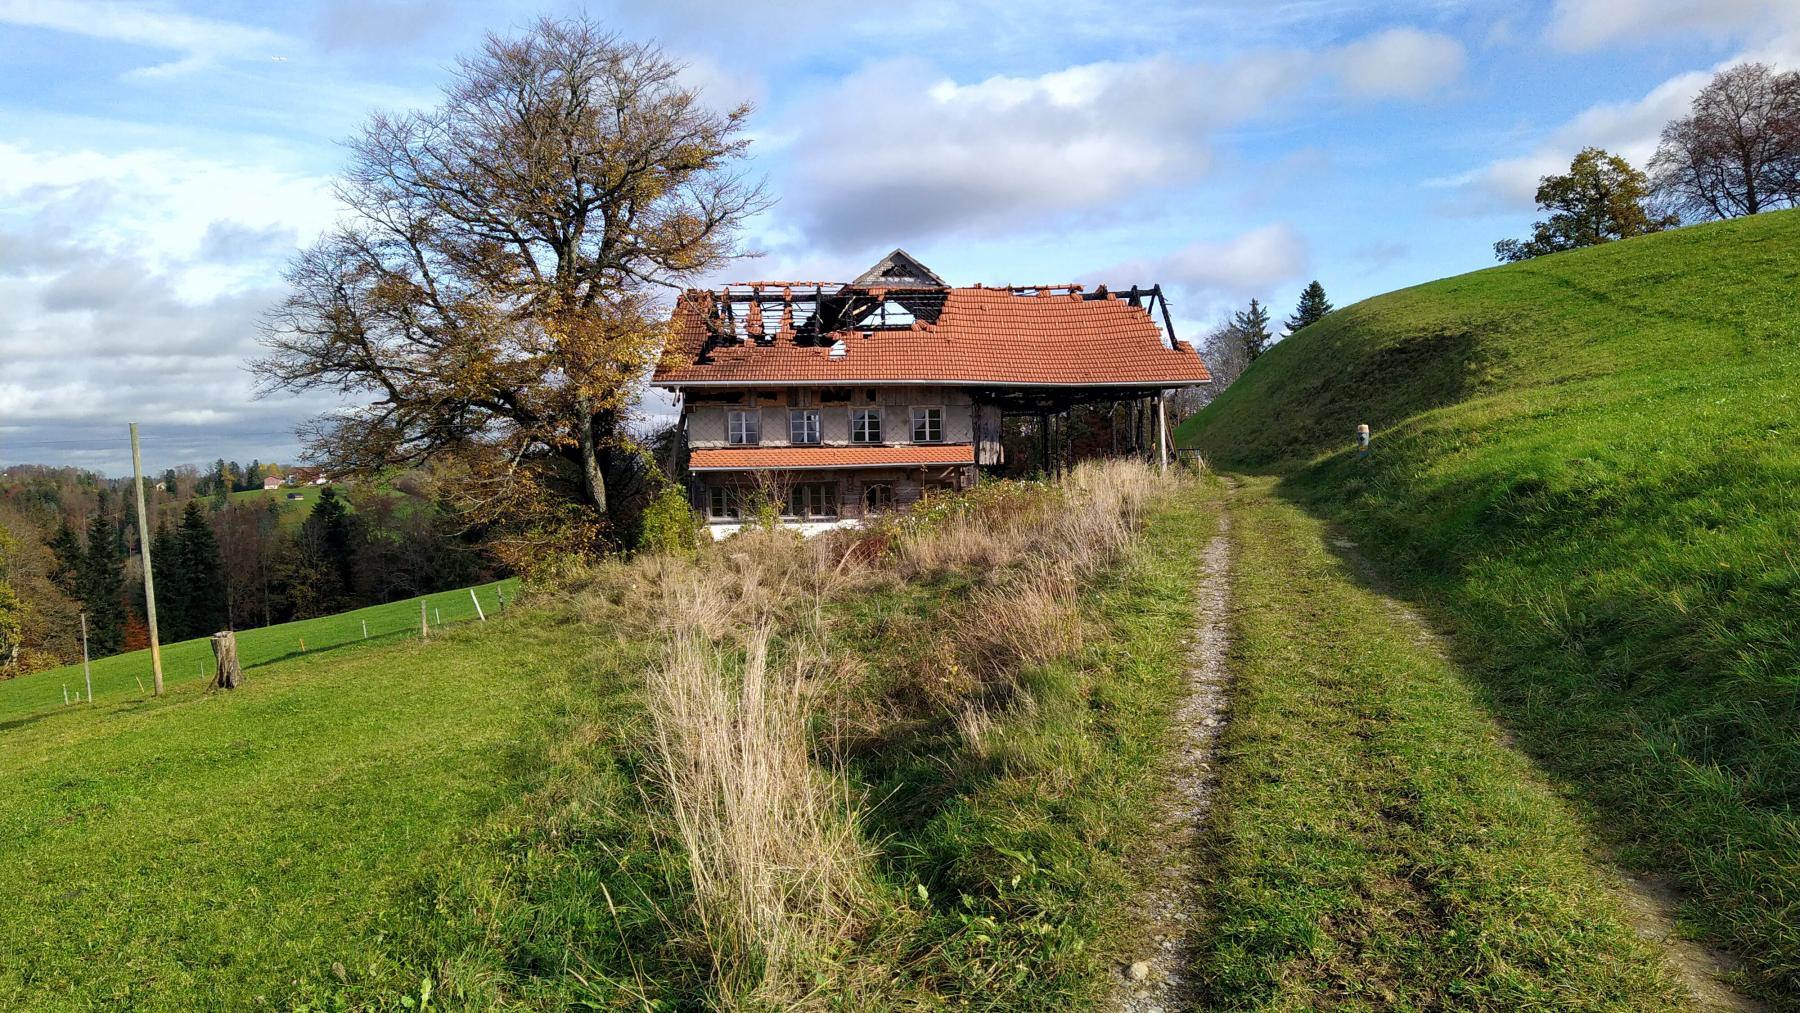 13a Oberriset abgebranntes Haus